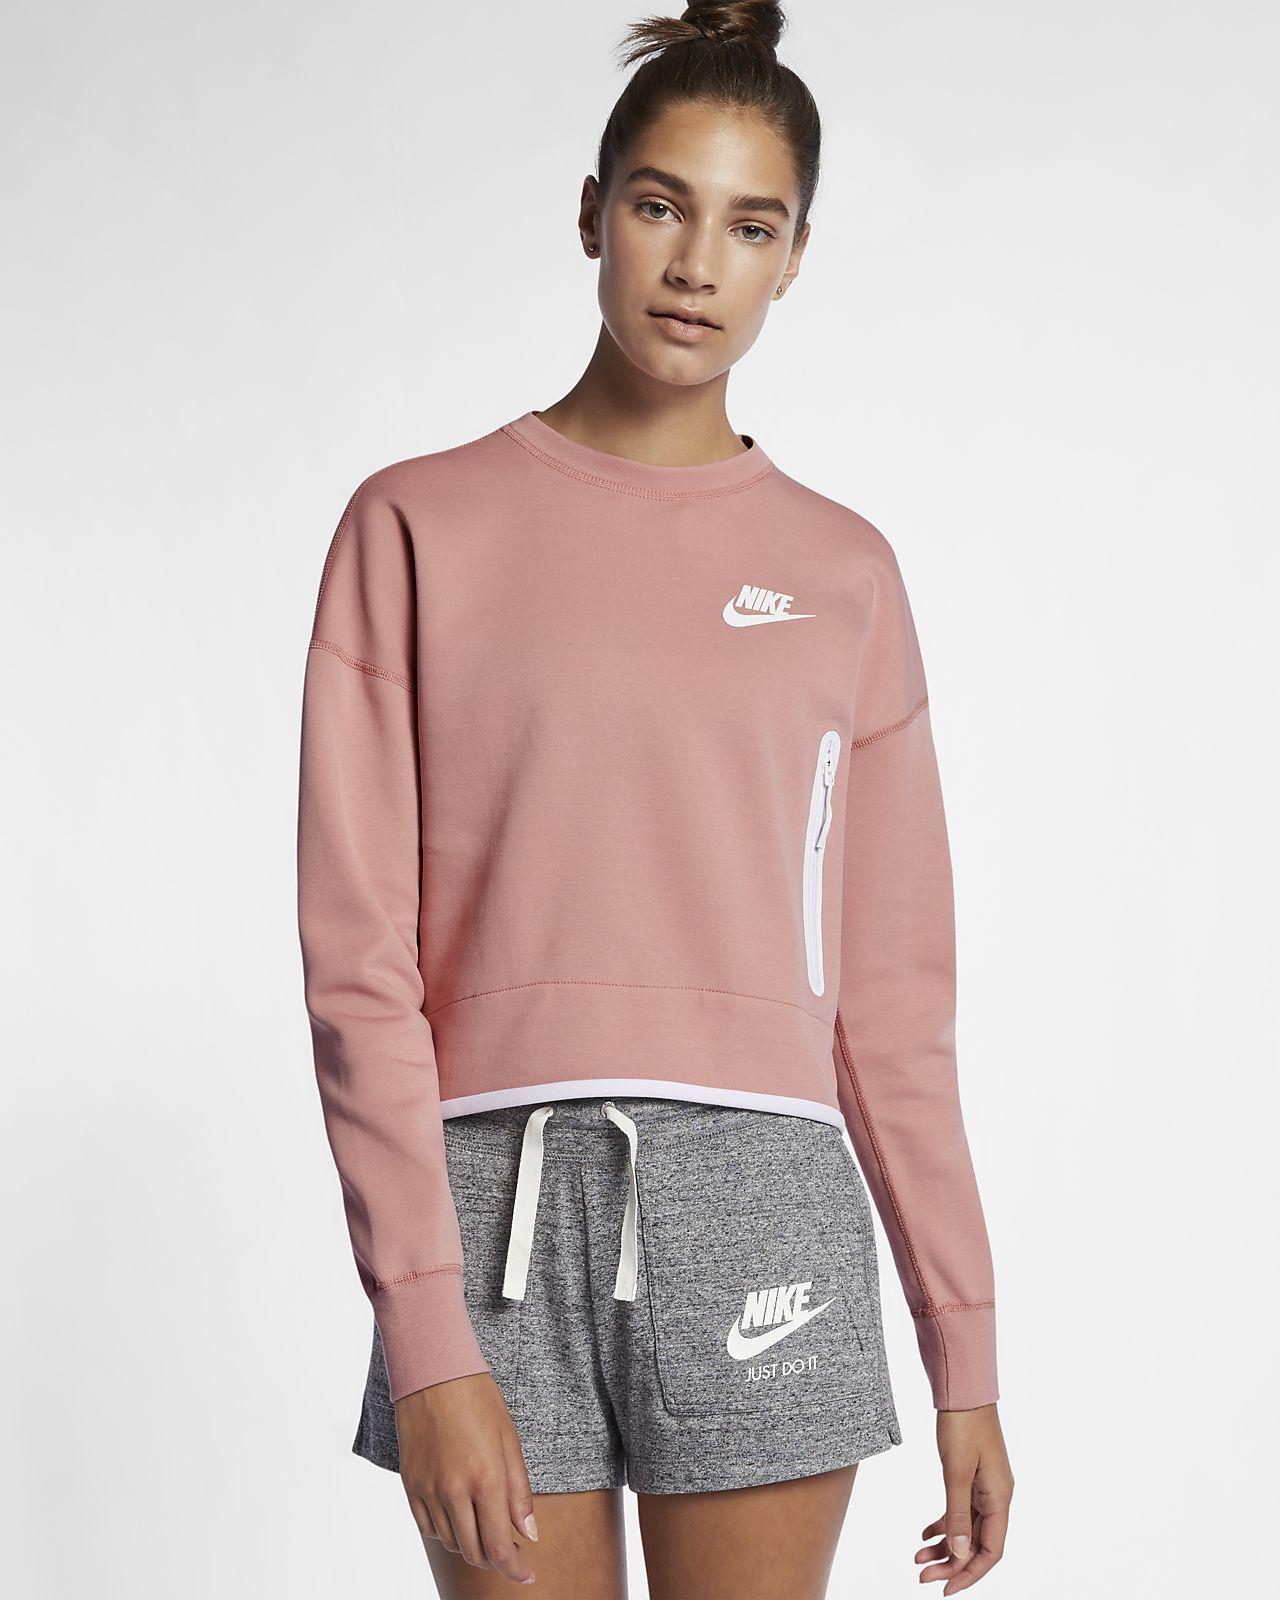 Nike sportswear tech fleece womens crew tech fleece